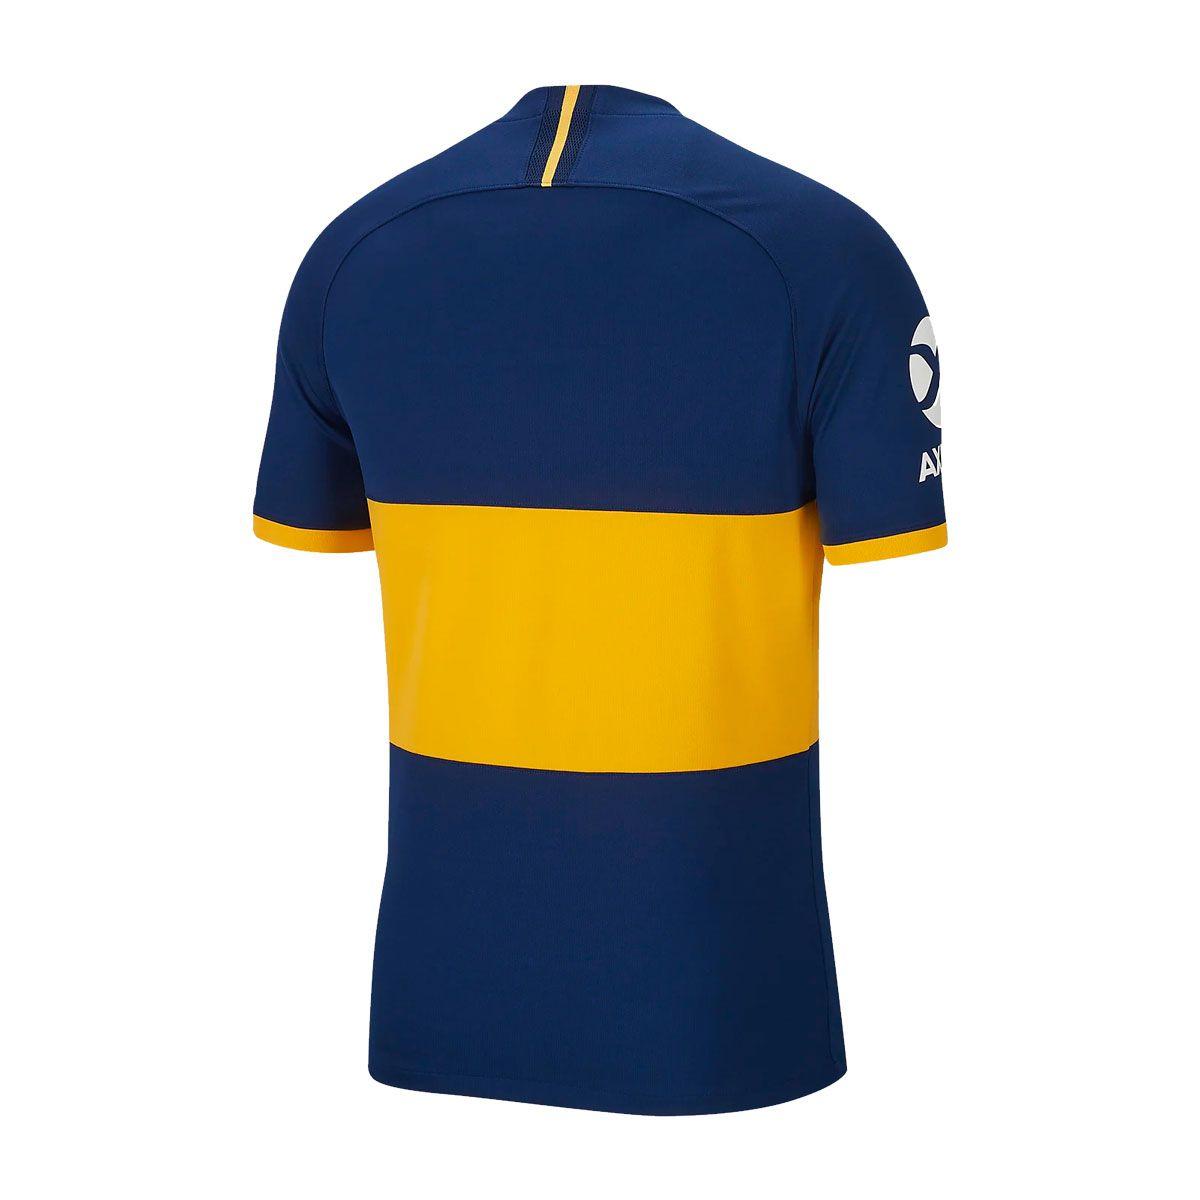 Camisa Boca Juniors Home Nike 2019-20